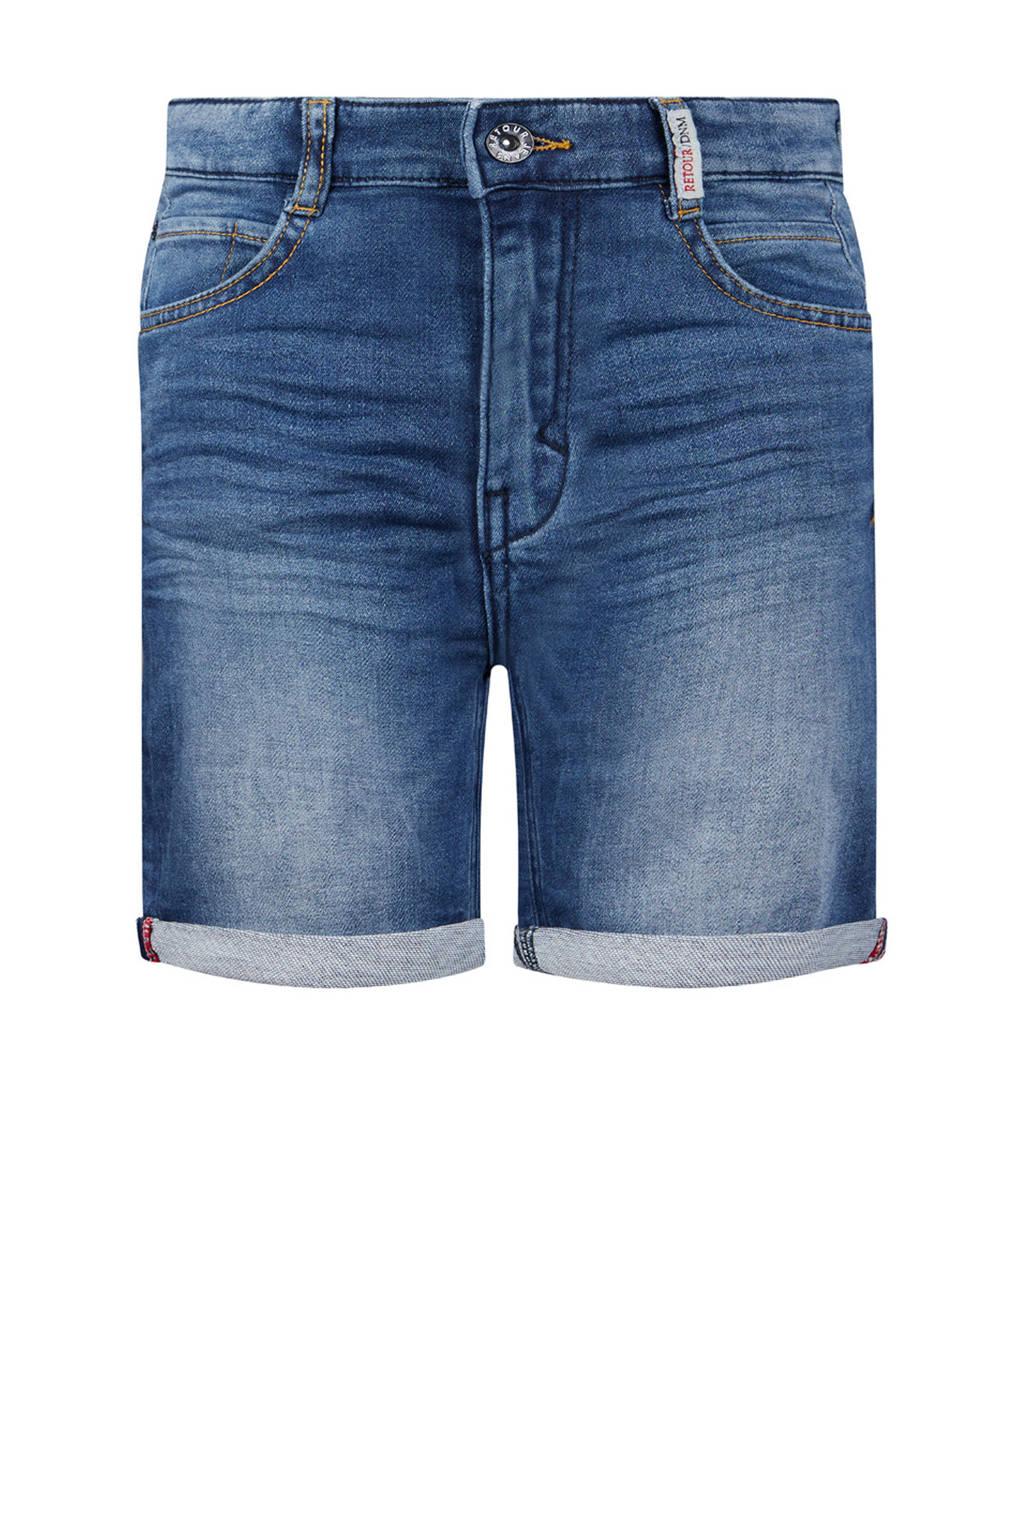 Retour Denim regular fit jeans bermuda Loek light denim stonewashed, Light denim stonewashed